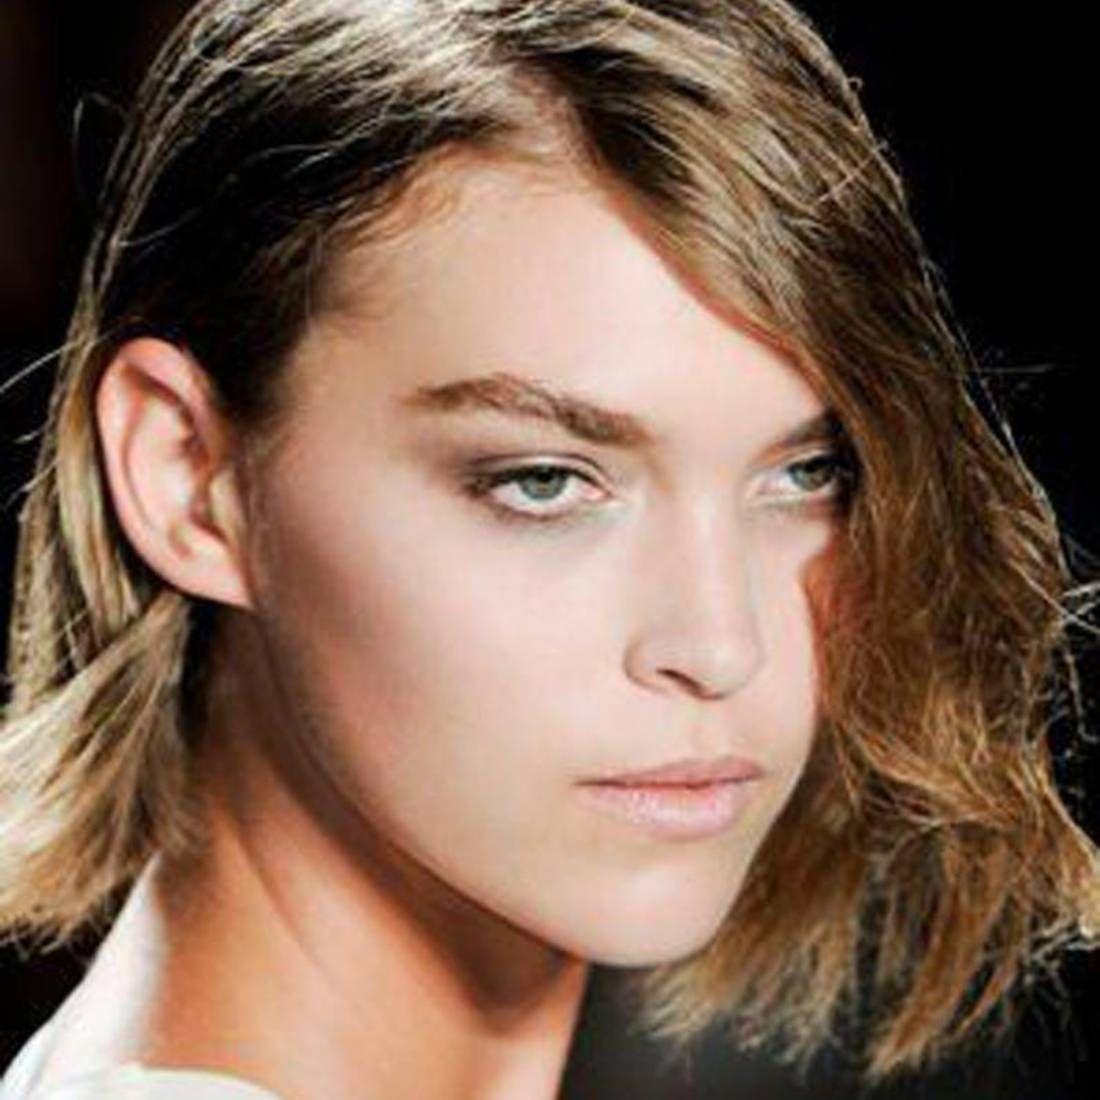 Carré plongeant : 50 façons d'adopter cette coiffure   Carré plongeant rock, Idées de coiffures ...